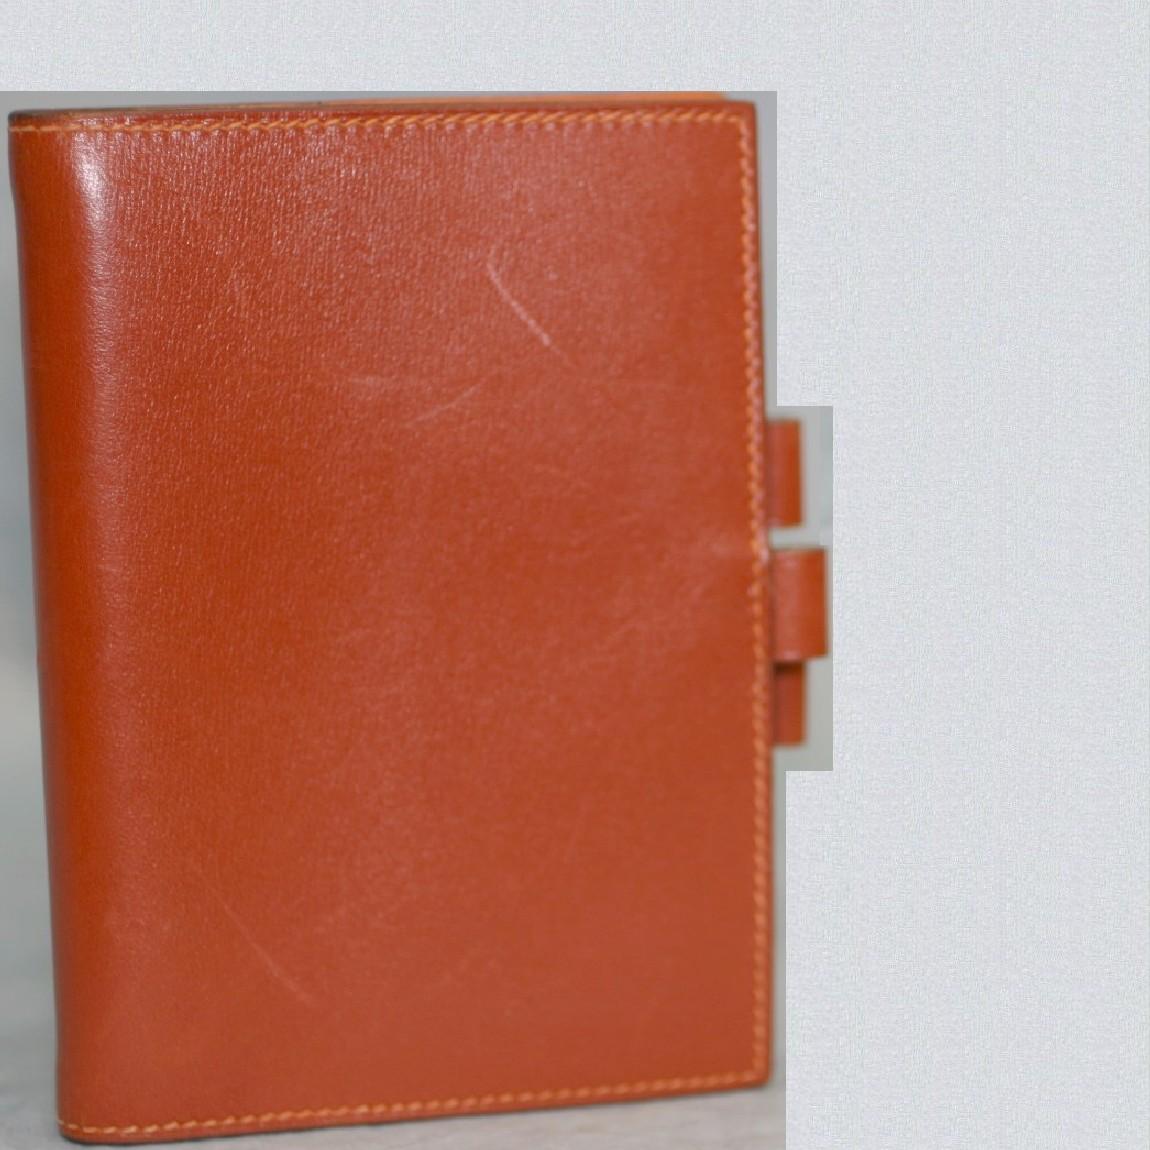 【中古】本物綺麗エルメス女性用茶革13,2x9,5センチ手帳カバーアジェンダ